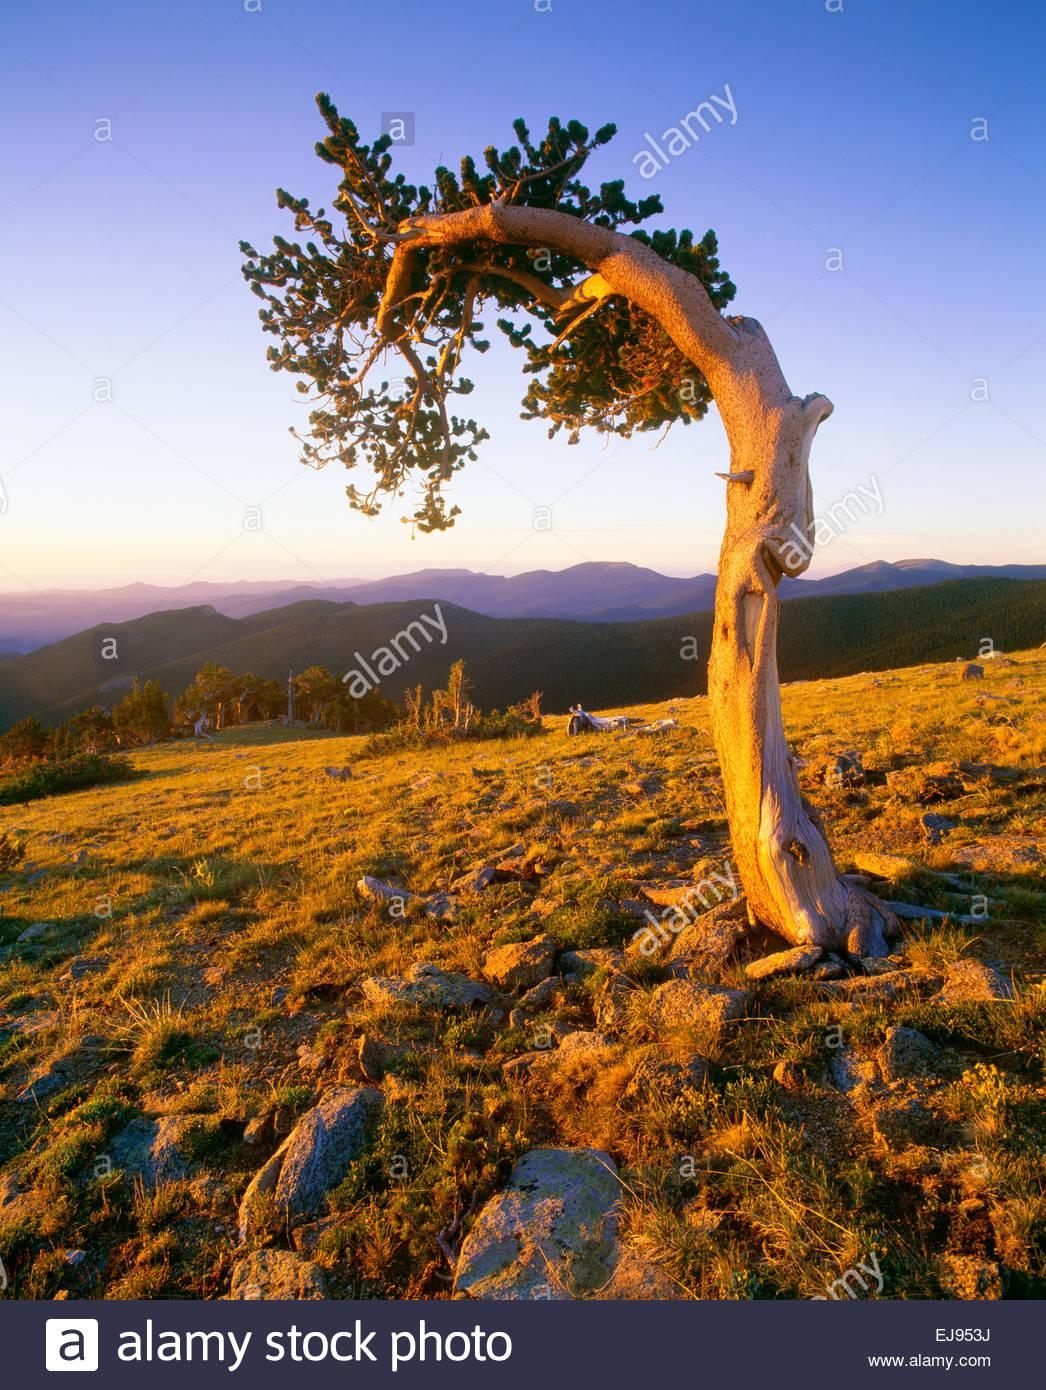 Antichi pini bristlecone sul pendio di Mt. Evans a Mt. Golia zona naturale. Arapaho National Forest, Colorado. Immagini Stock